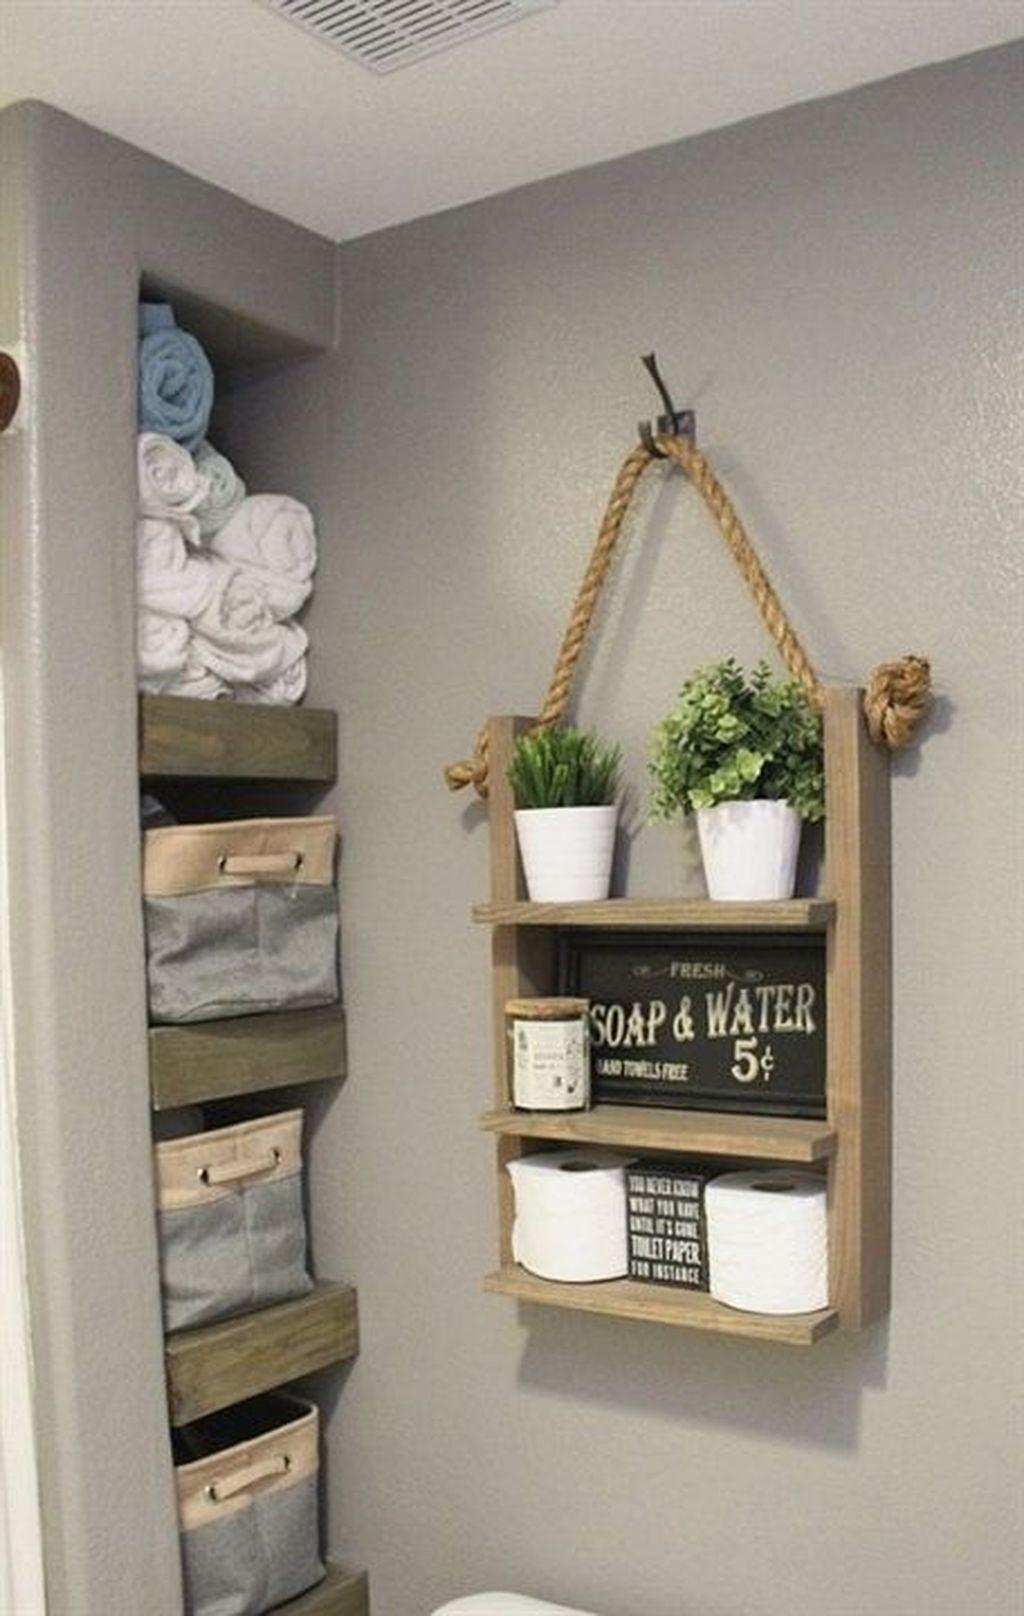 50 Lovely Bathroom Decor Ideas With Farmhouse Style Rustikales Badezimmer Dekor Bauernhaus Mobel Und Seil Regale